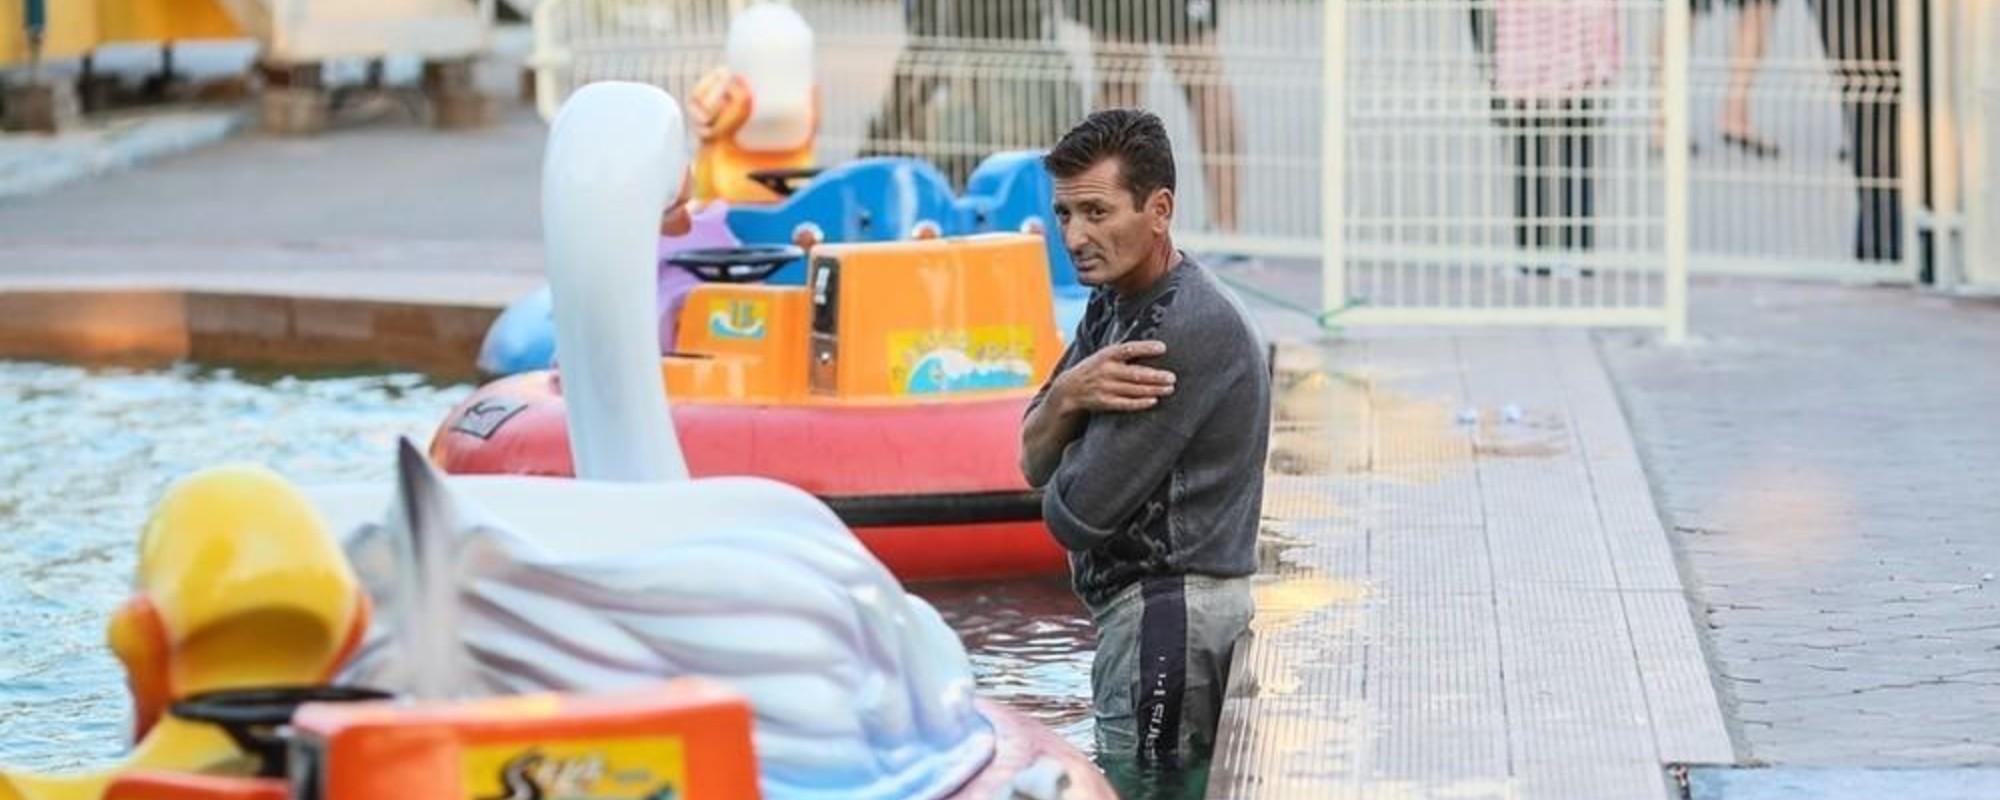 Fotos de gente triste en una feria rumana